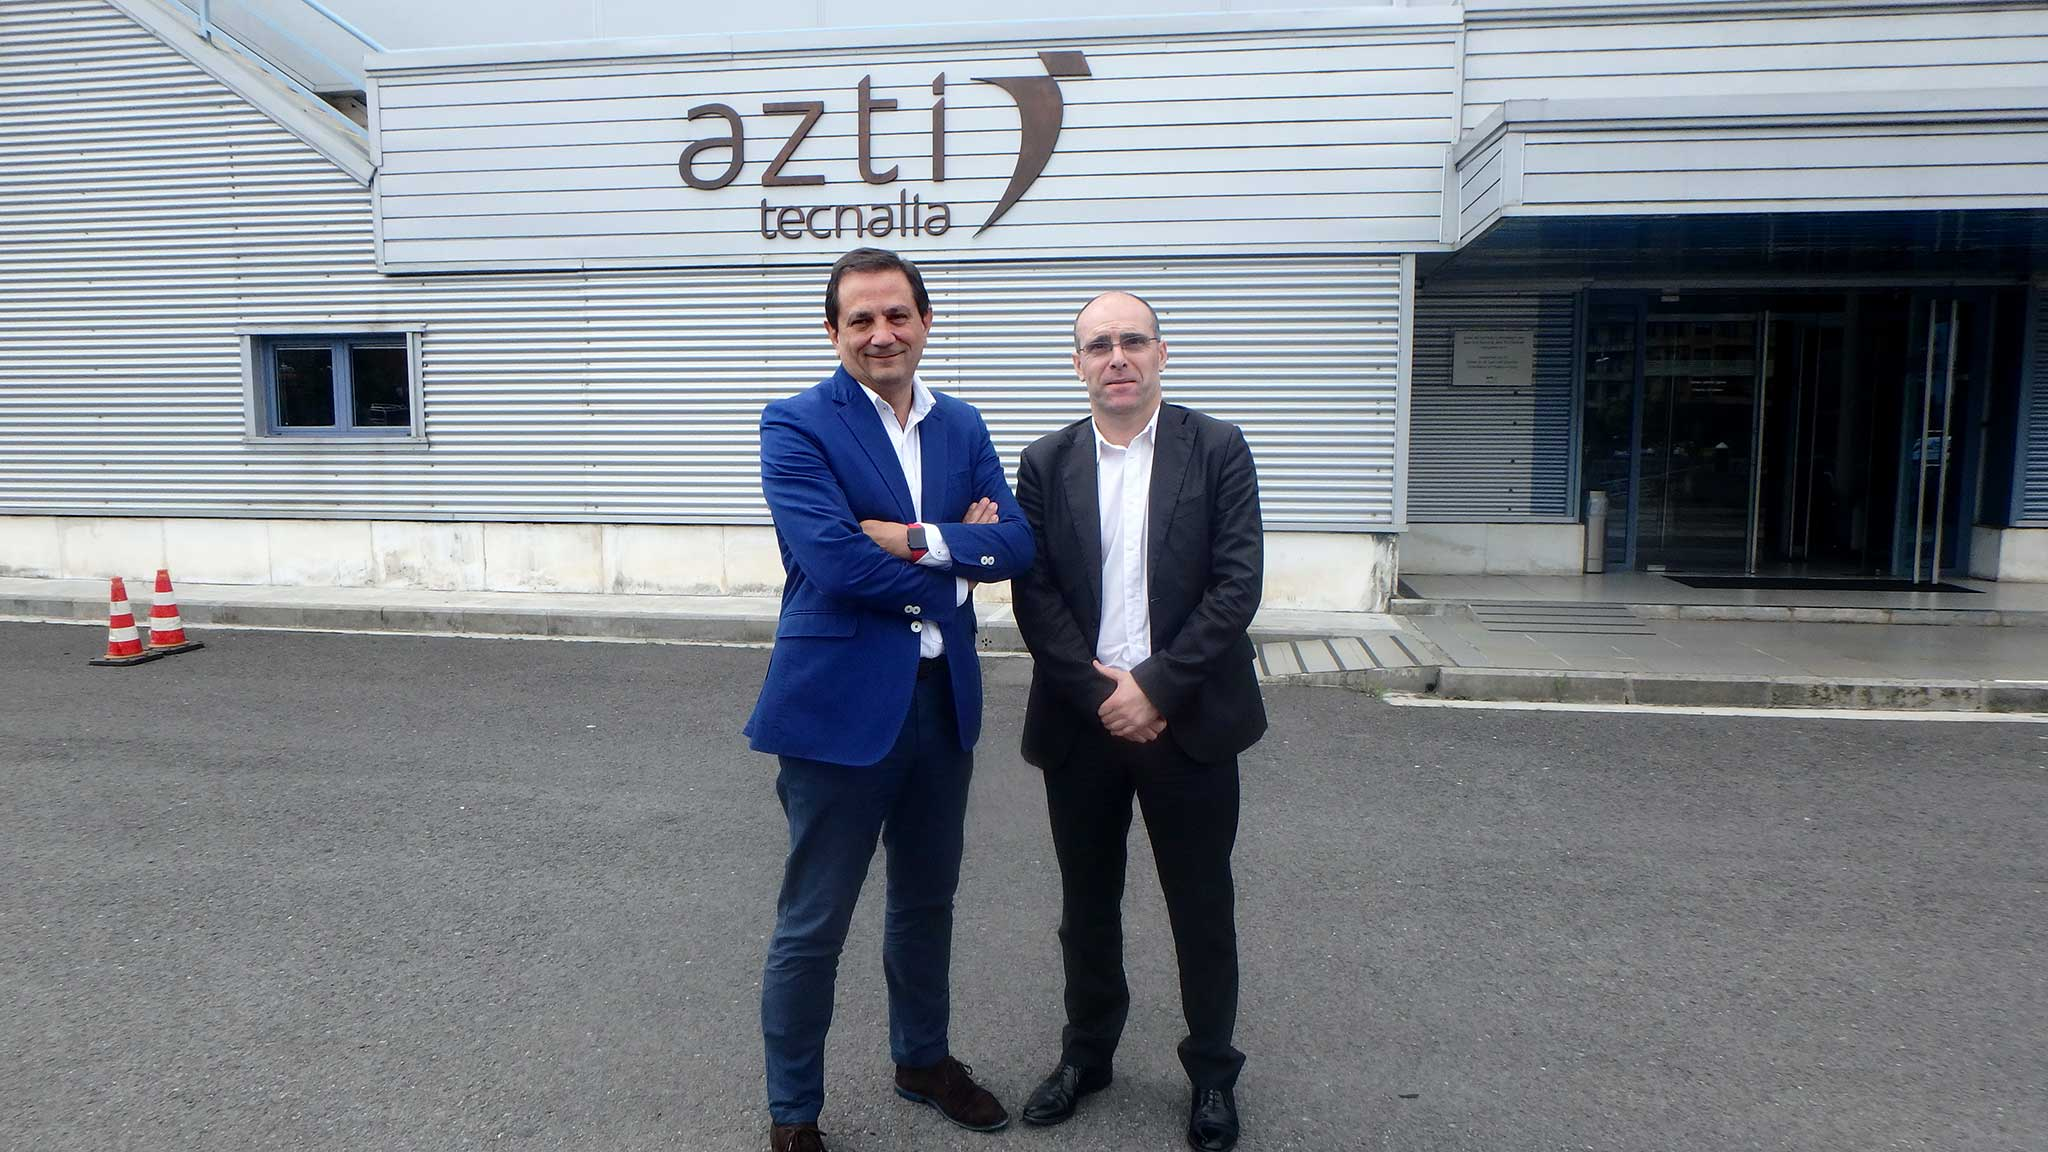 Leandro Azkue, director de Pesca y Acuicultura del Gobierno Vasco, y Rogelio Pozo, director general de AZTI Tecnalia.